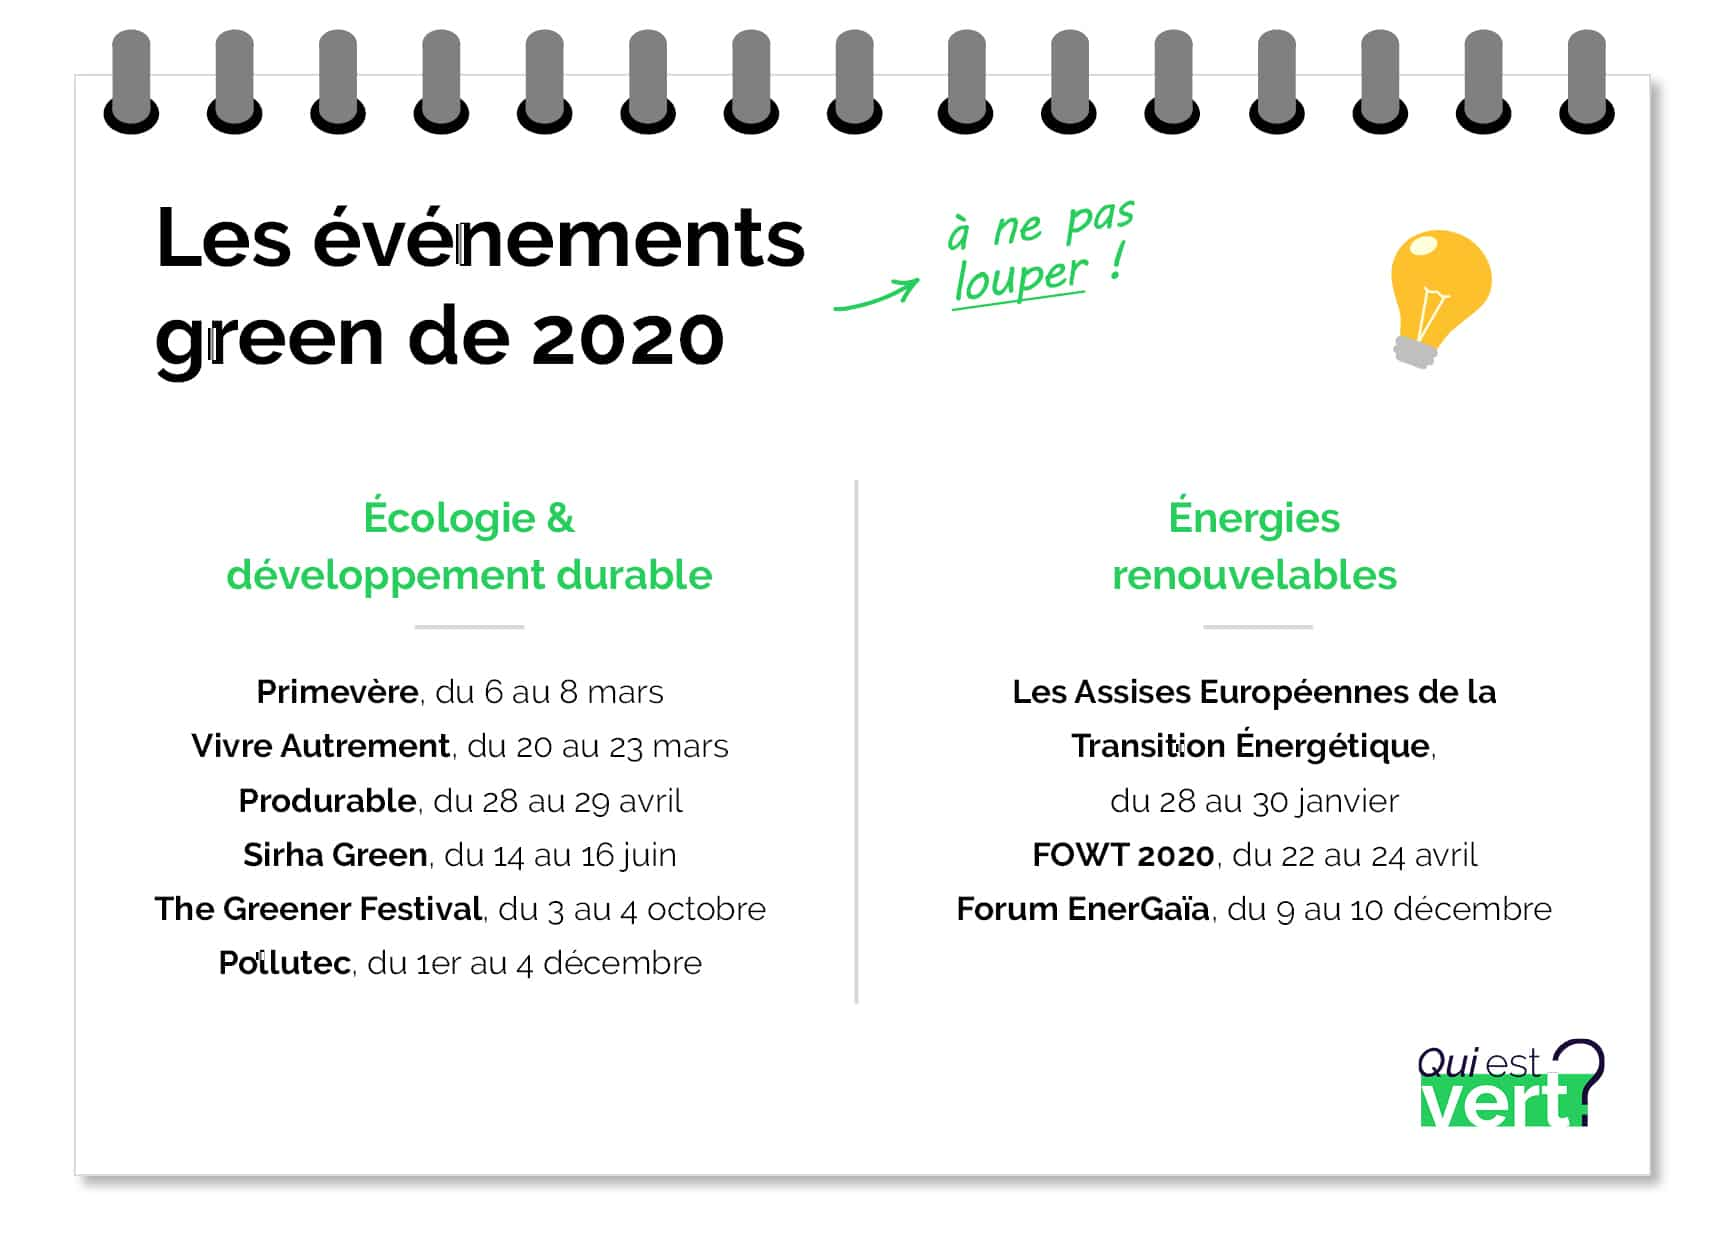 Les événements green de 2020 à ne pas manquer